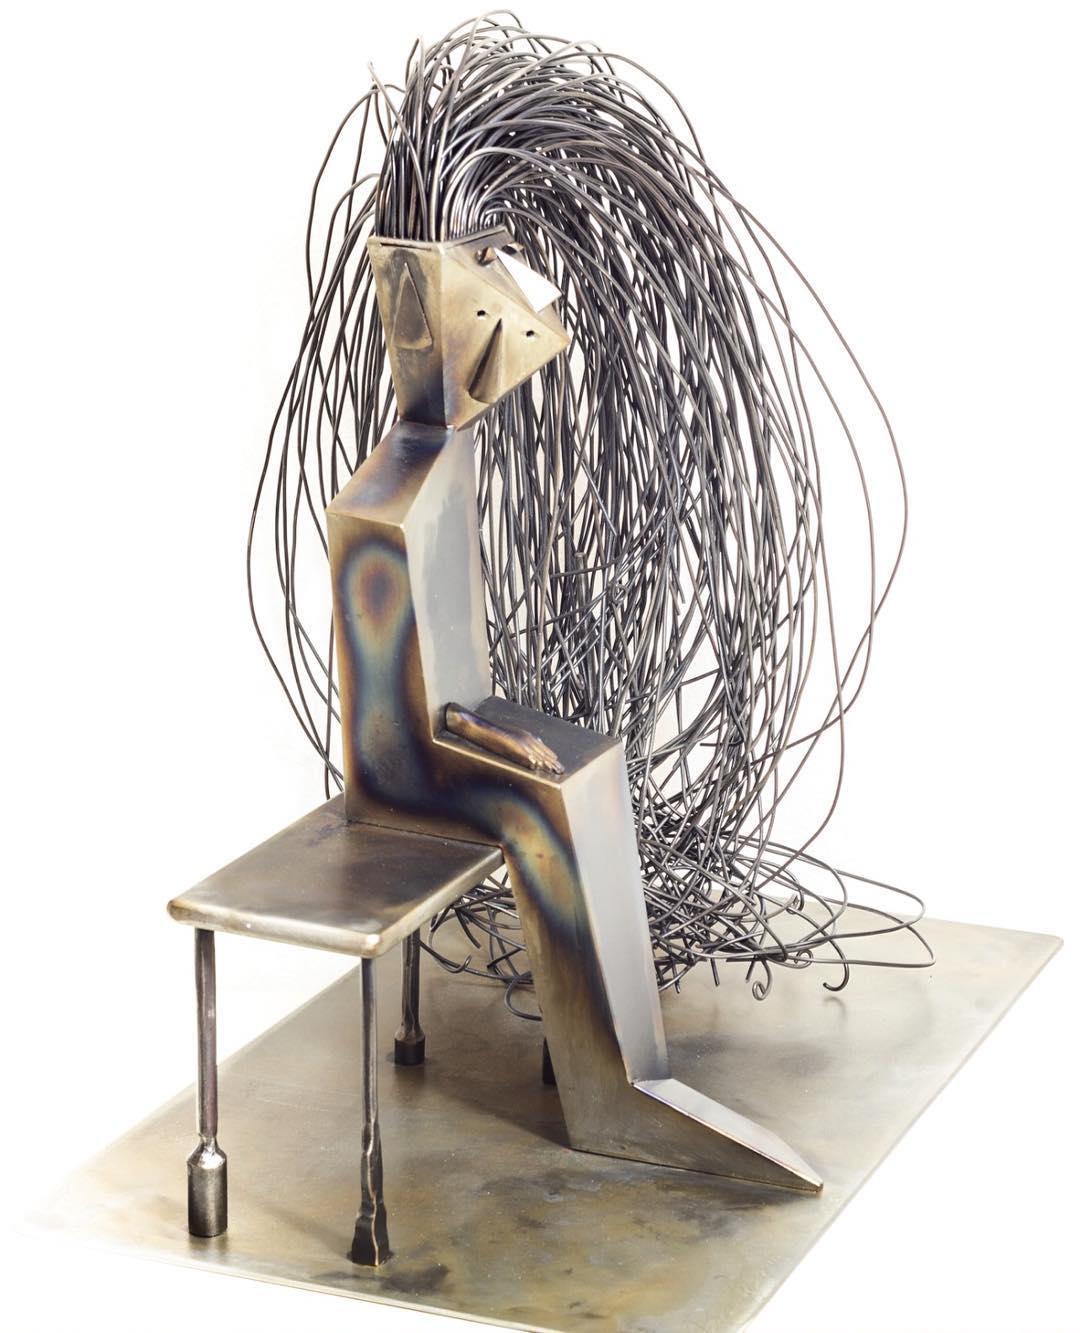 arte-e-design-a-mamoiada.-le-opere-di-giovanni-paddeu-lasciano-sempre-a-bocca-aperta.-linee-e-forme-